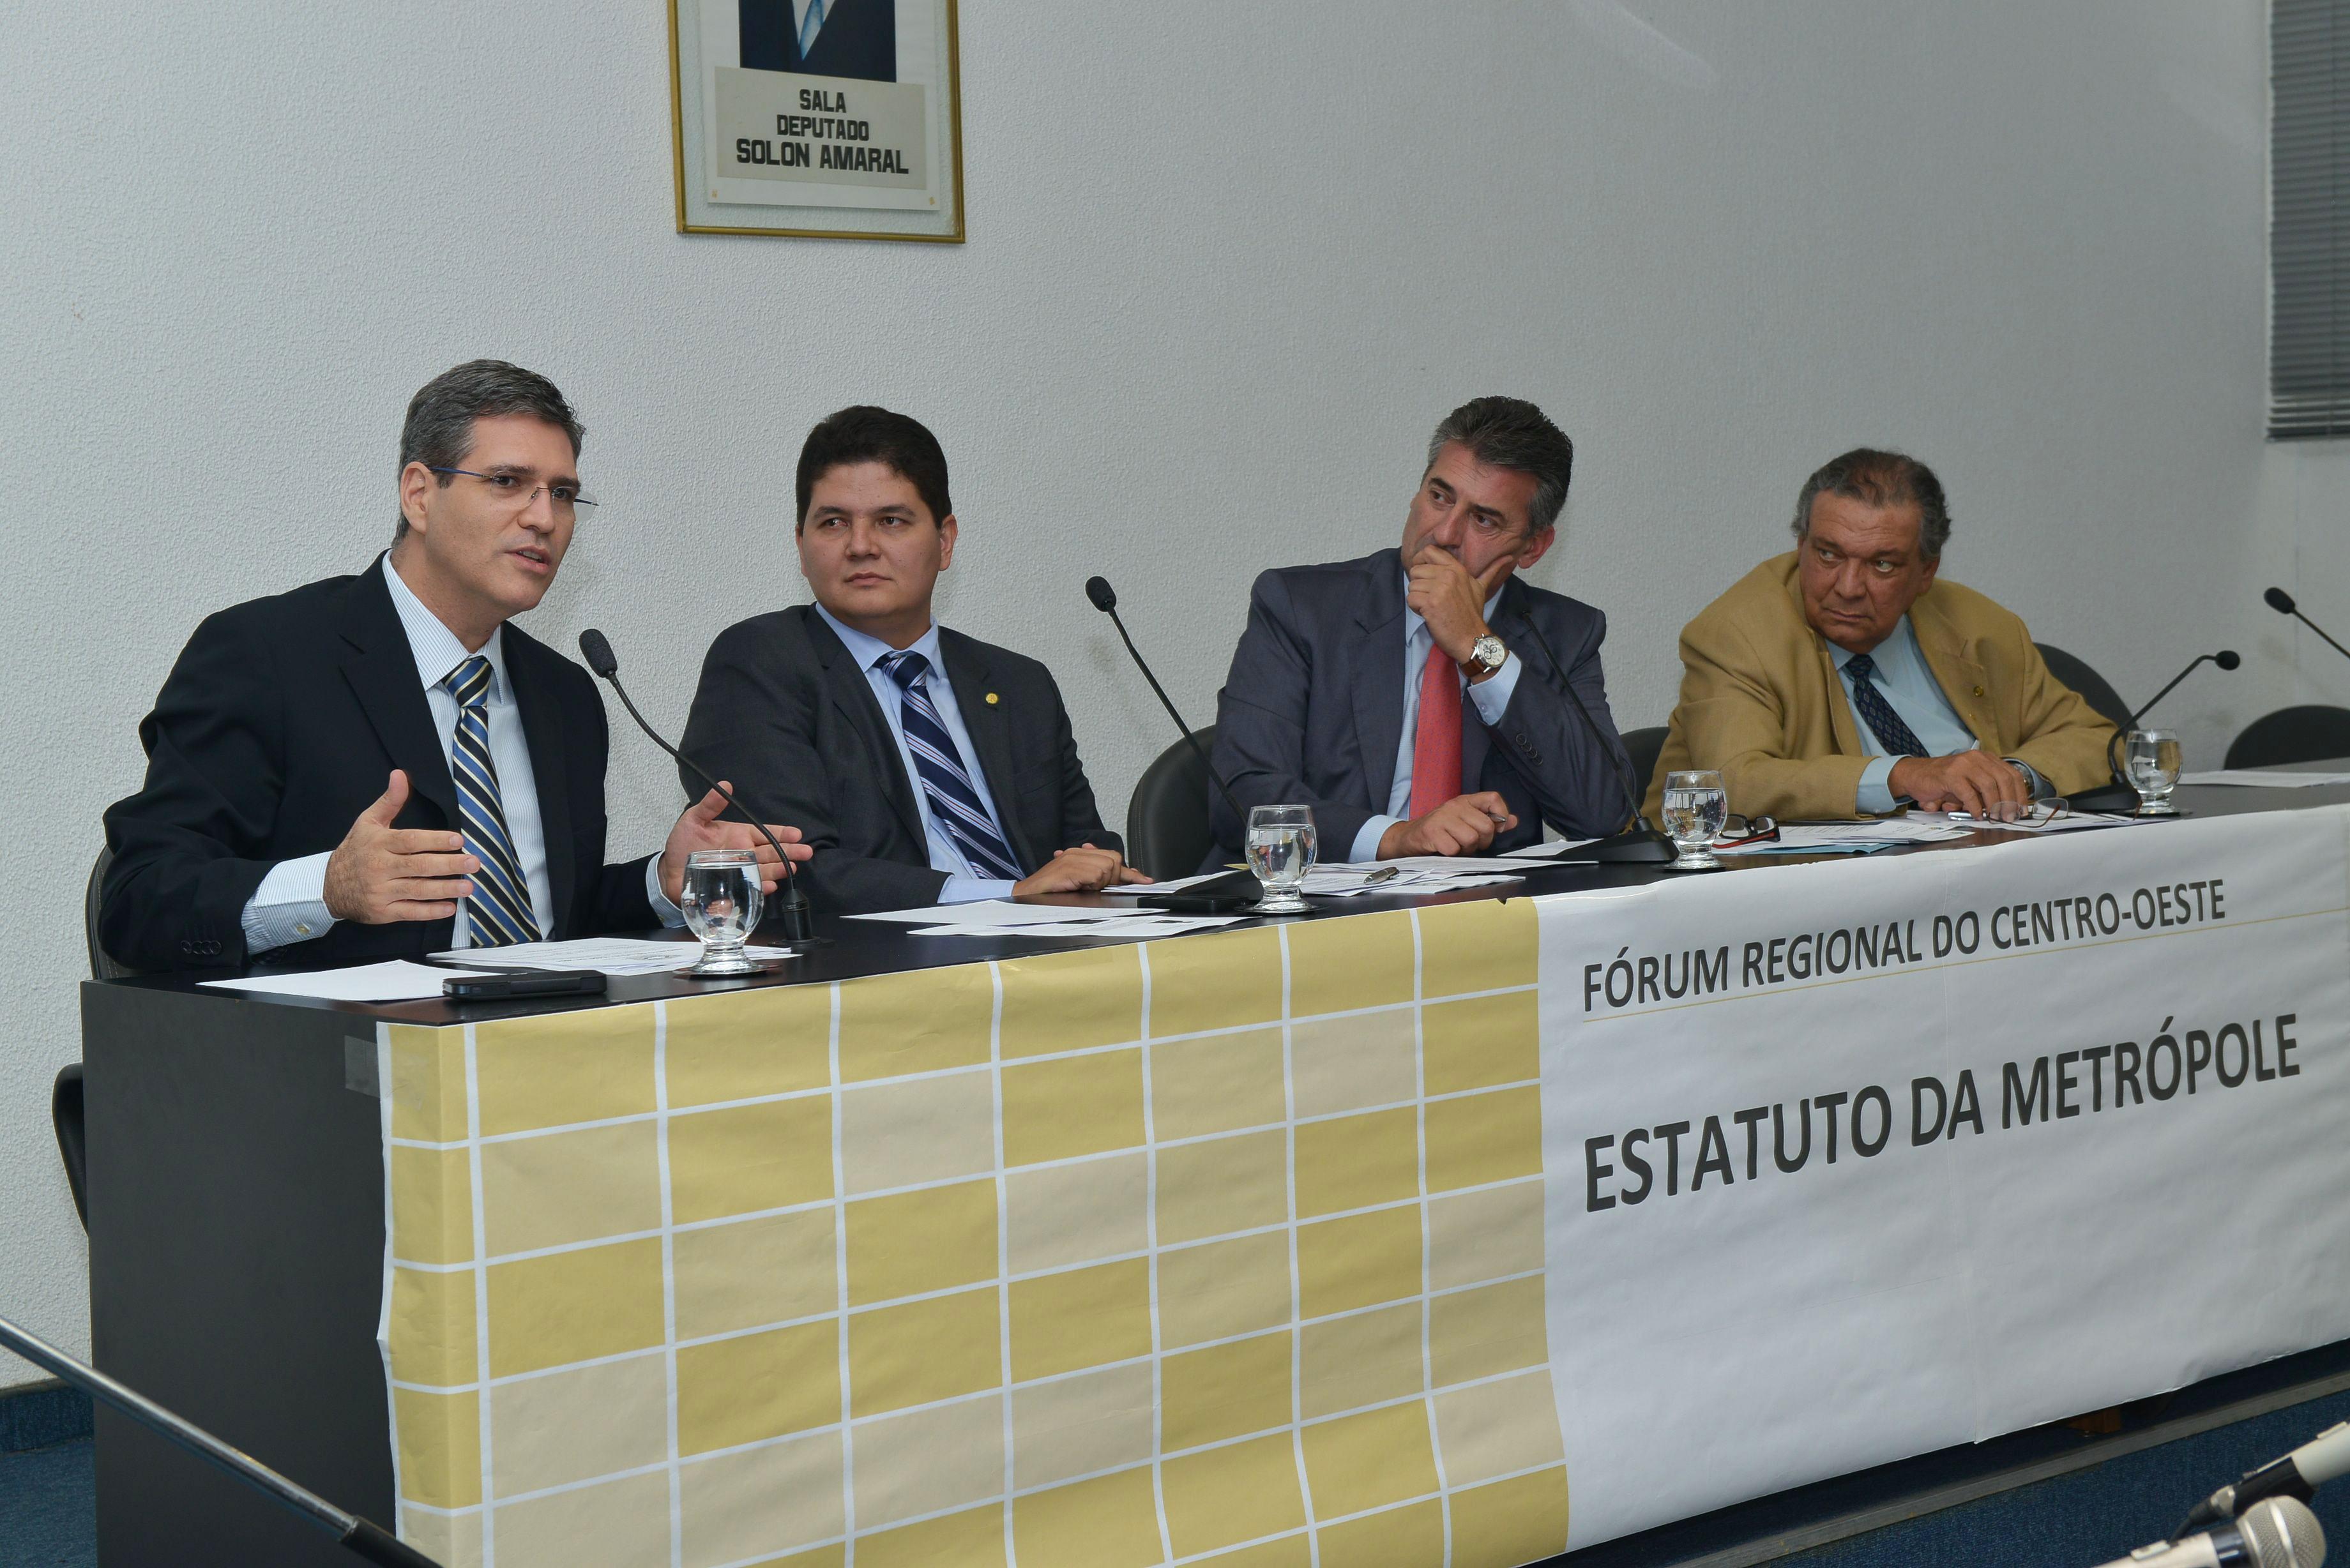 Estatuto da Metrópole: Comissão debate gestão e financiamento de políticas públicas